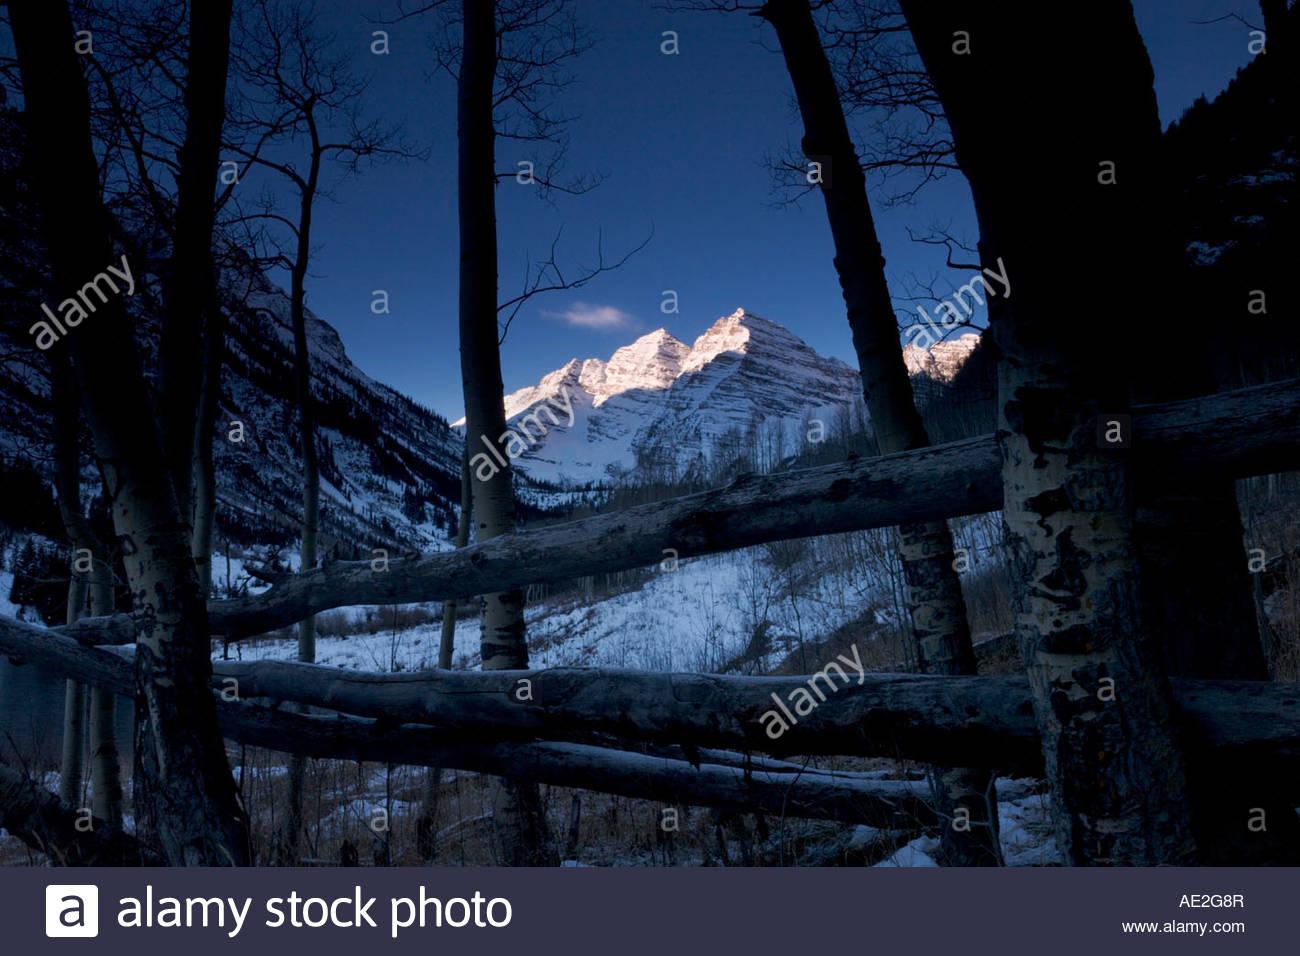 Elk Aspen Snowmass Stock Photos & Elk Aspen Snowmass Stock